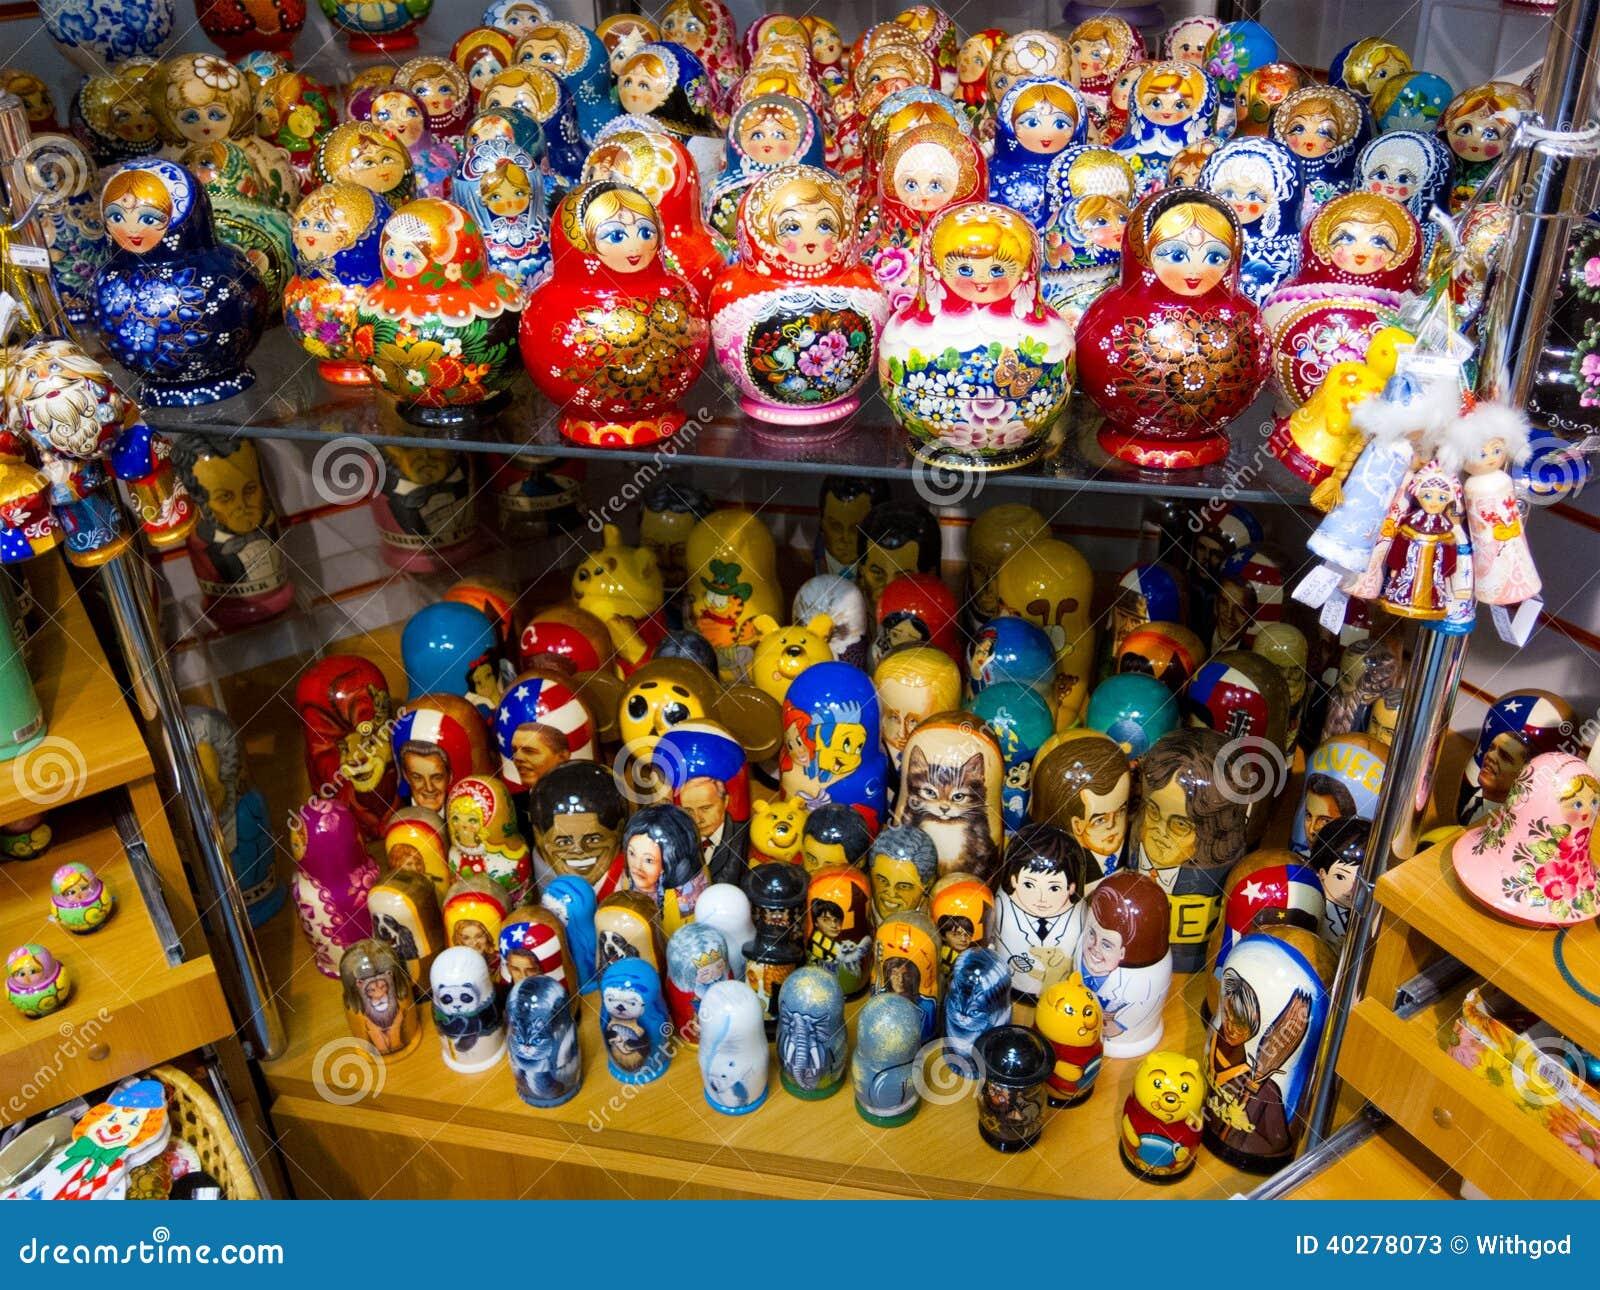 Русские куклы для продажи, Санкт-Петербург